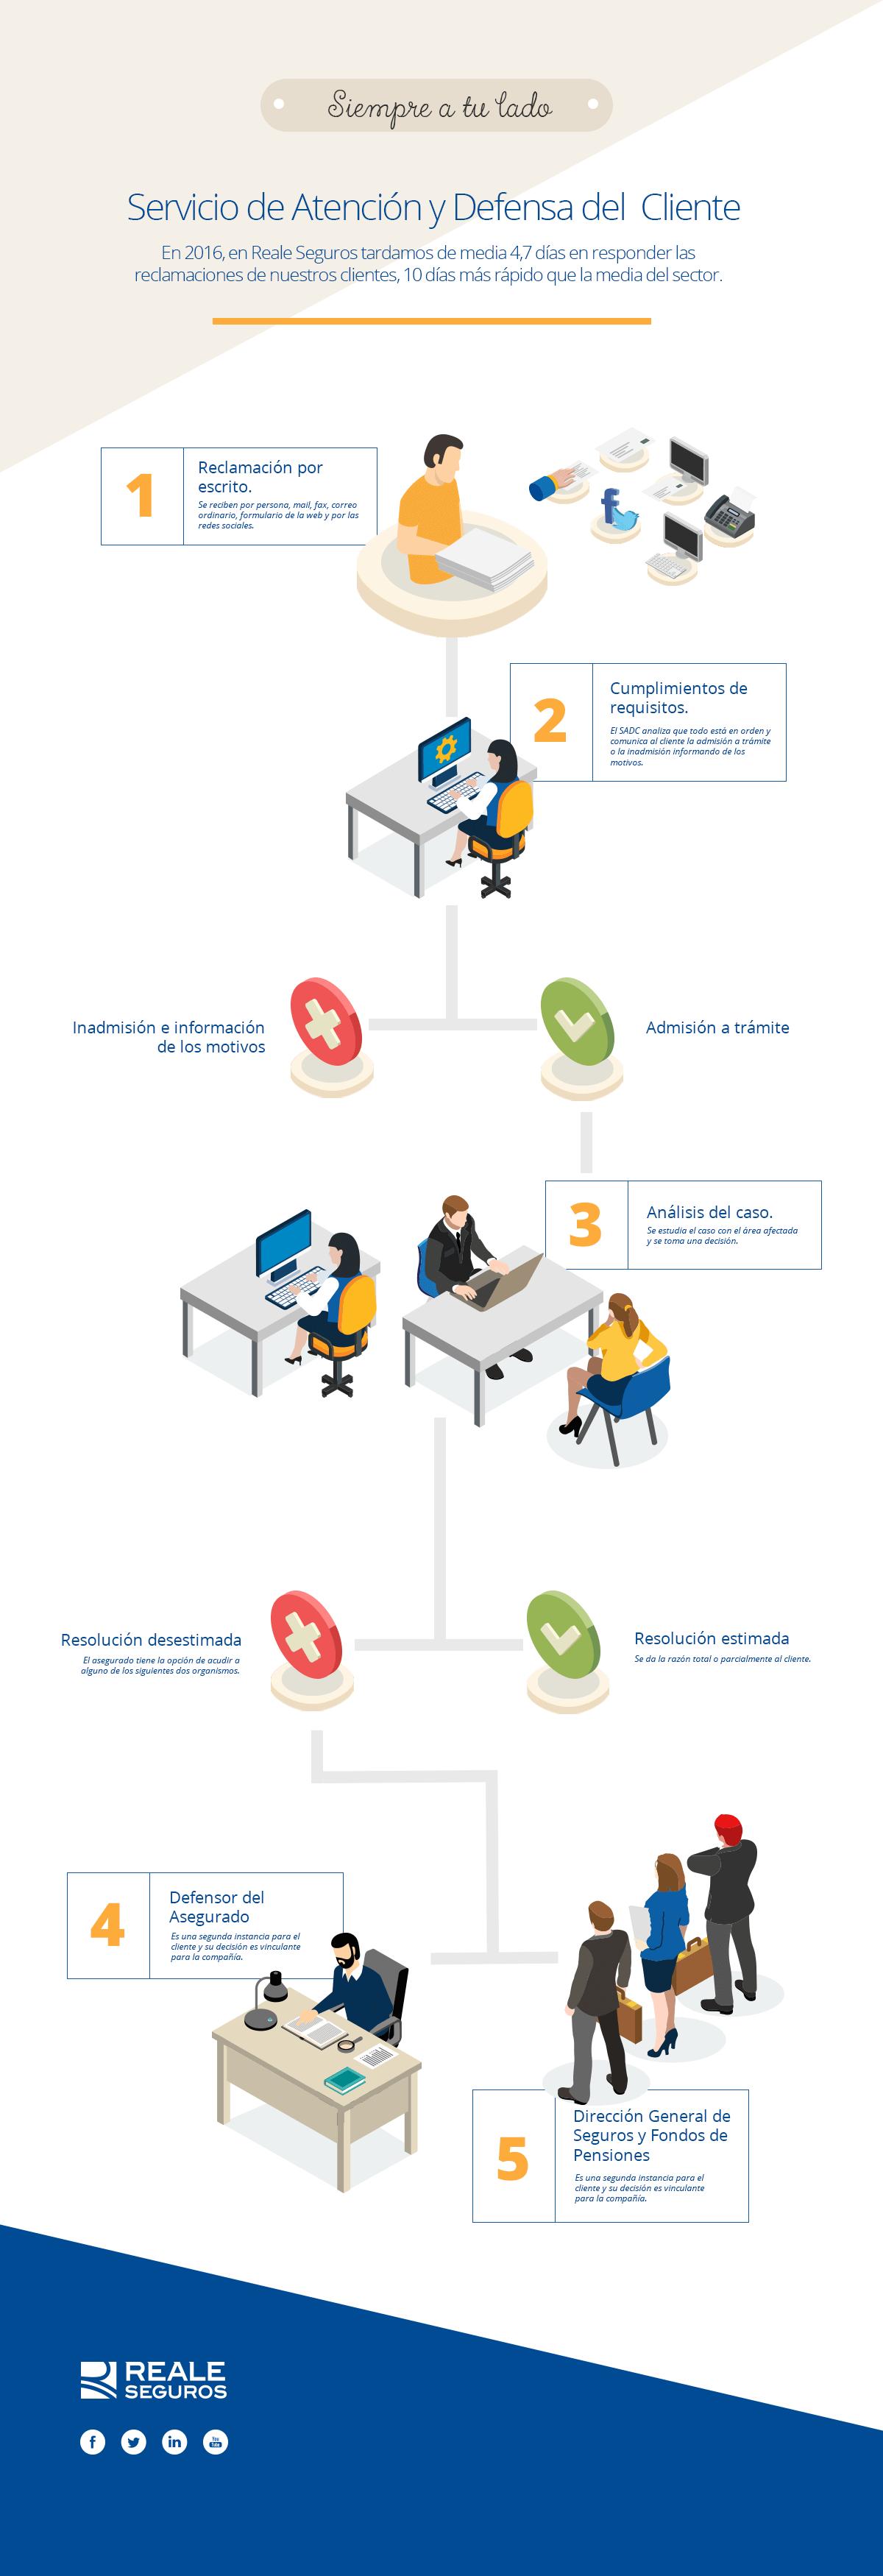 Servicio de Atención y Defensa del cliente